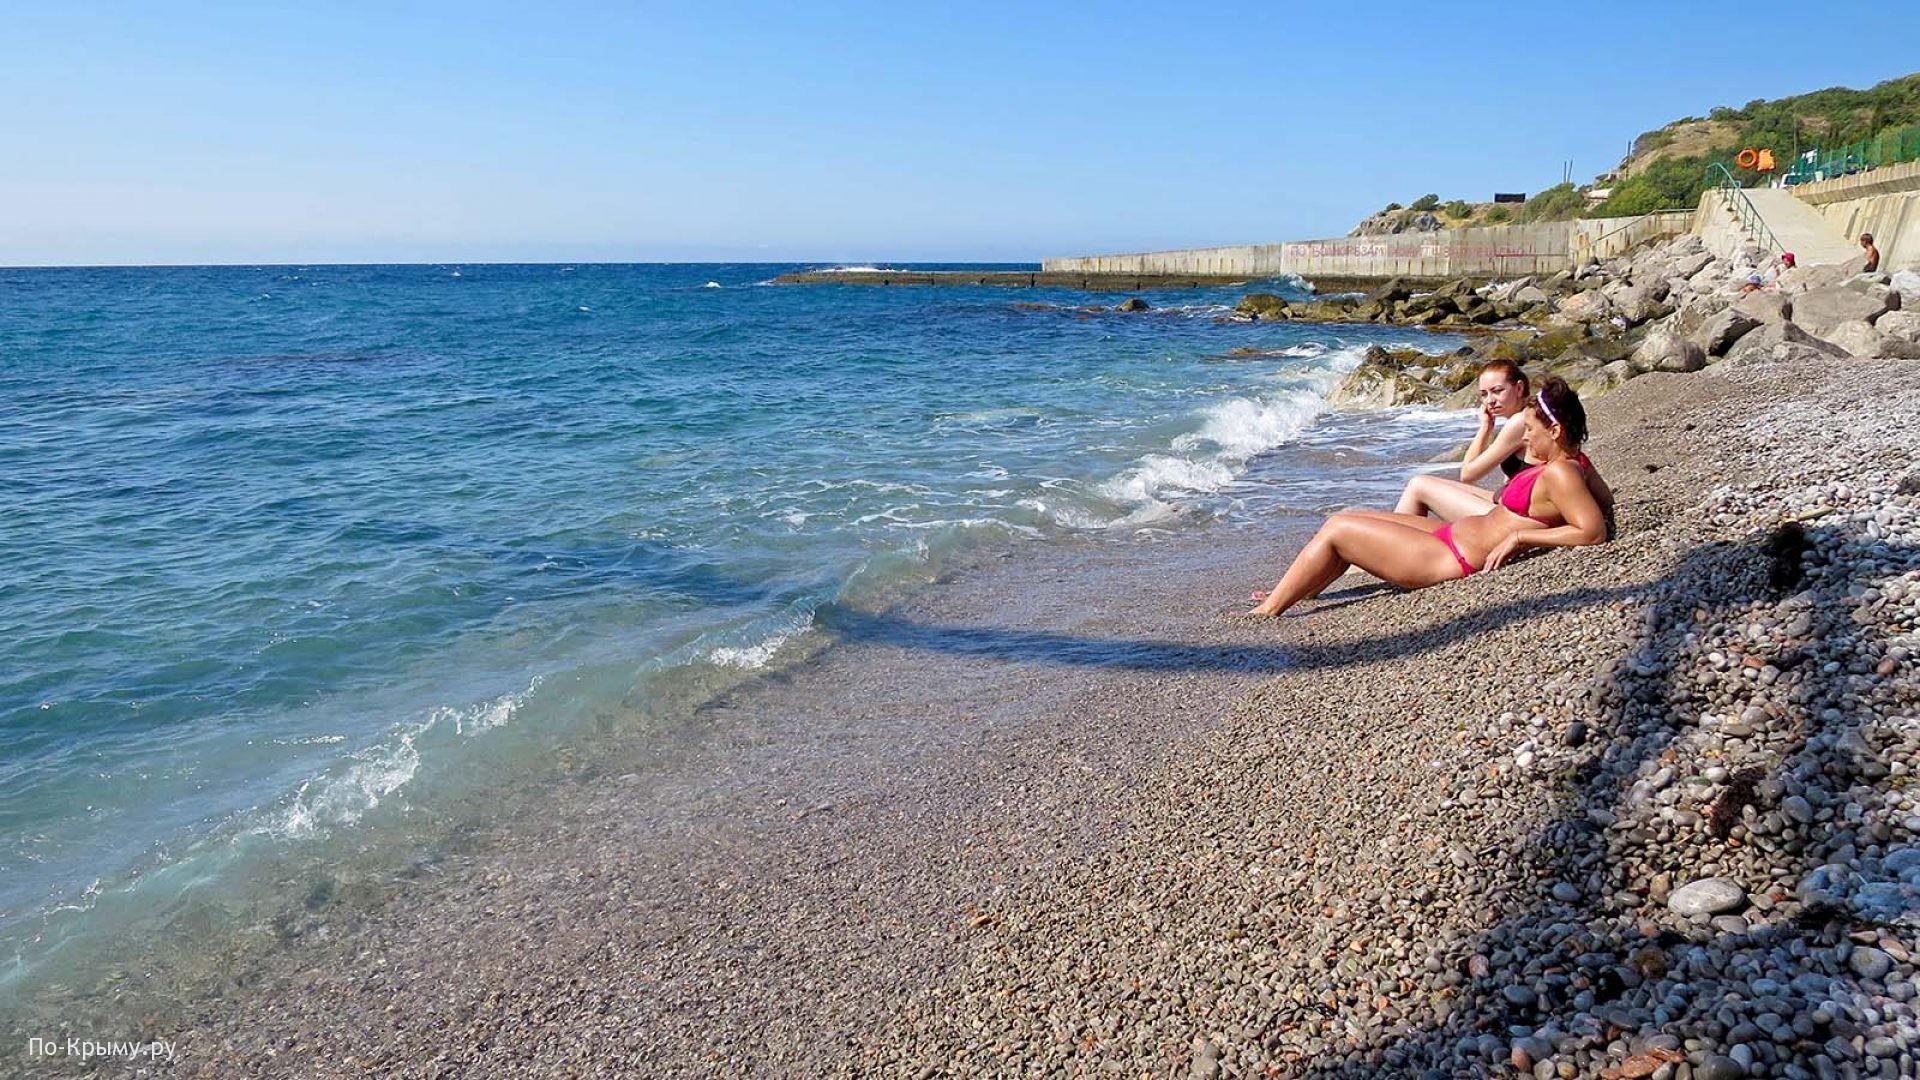 Галечный пляж черноморского побережья Крыма